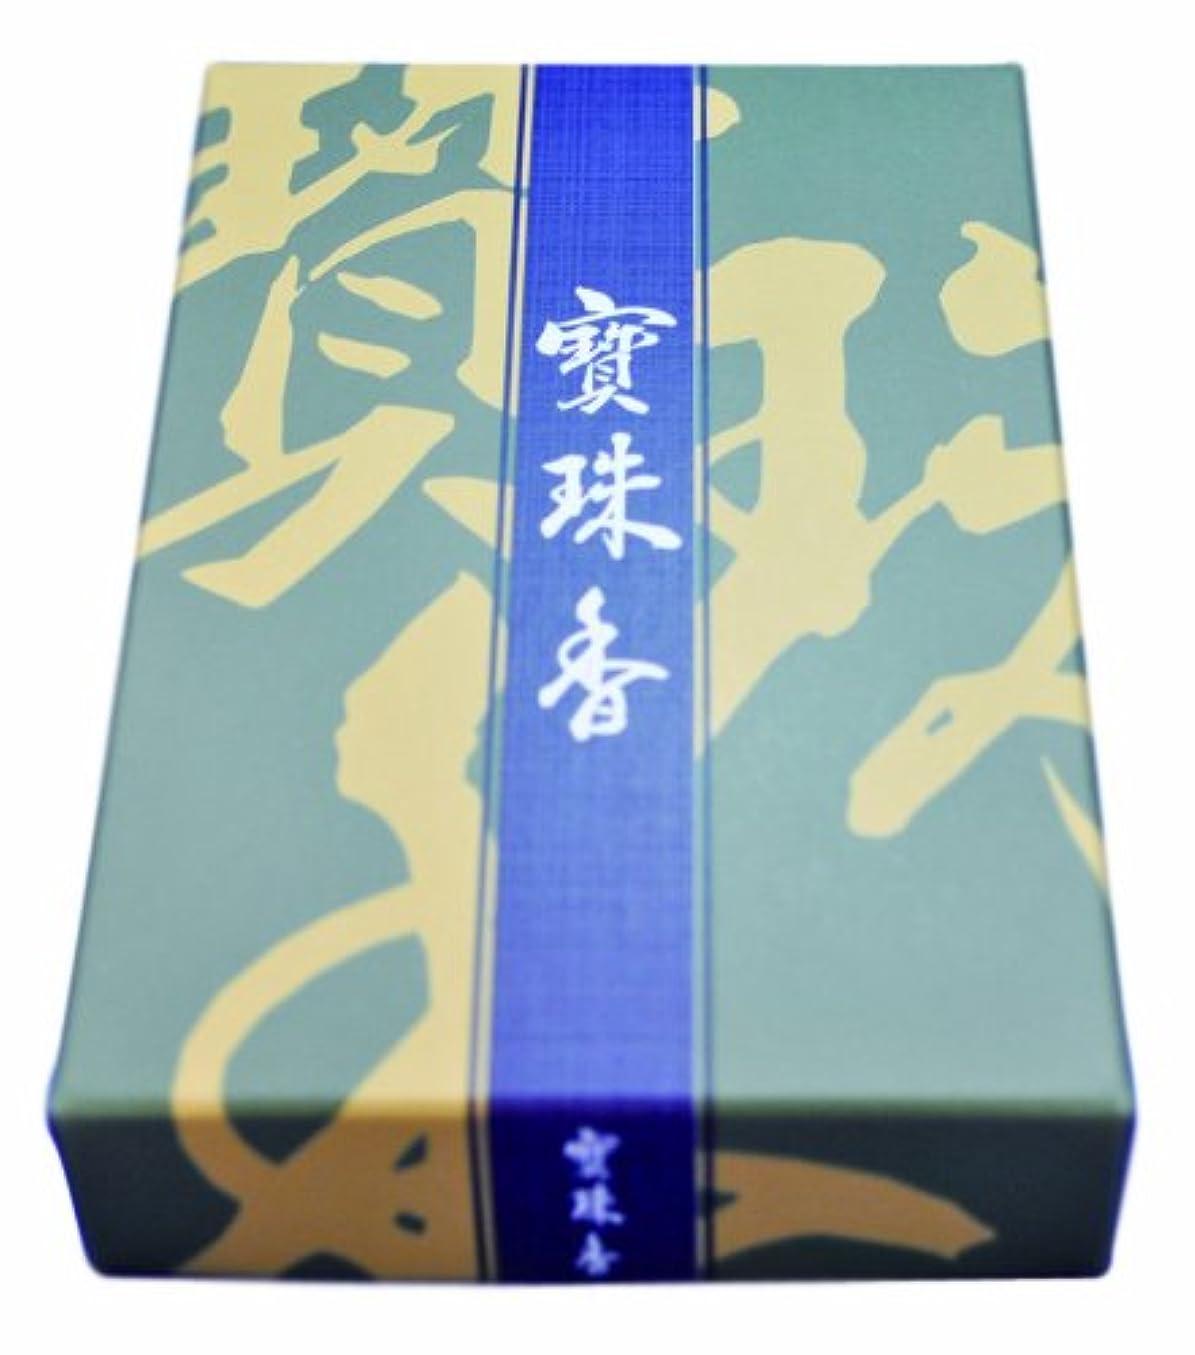 エンディング配偶者百万お線香 寳珠香 短寸バラ詰 約42g シャム沈香の香り